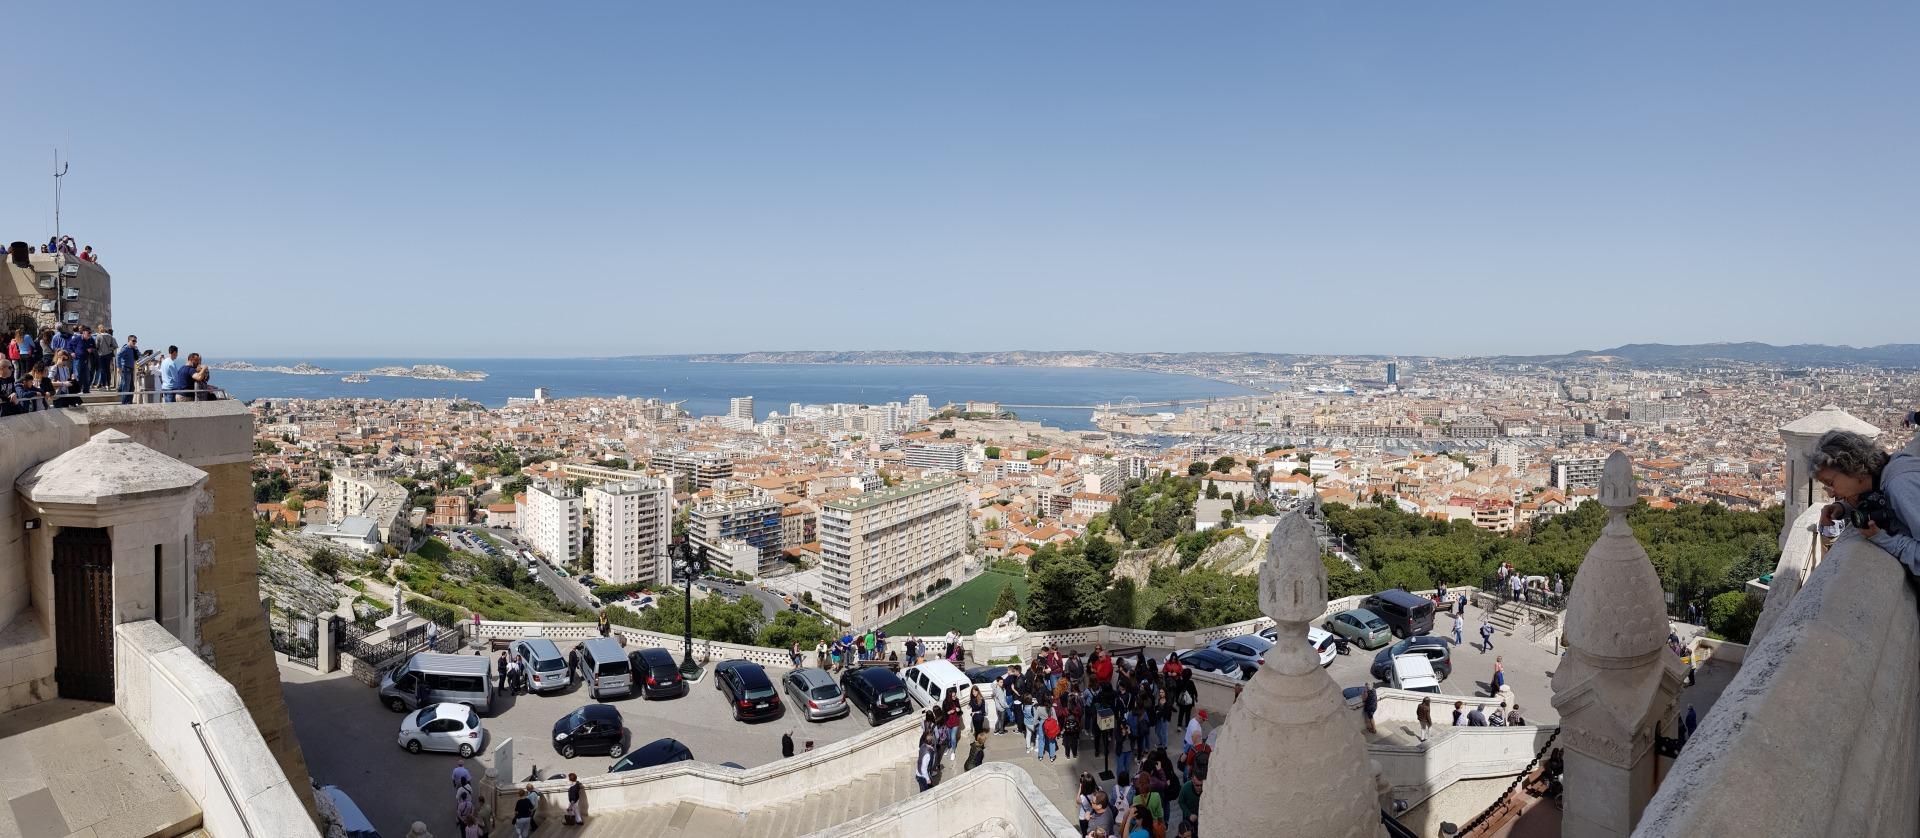 Вид на город с Нотр-Дам-де-ля-Гард